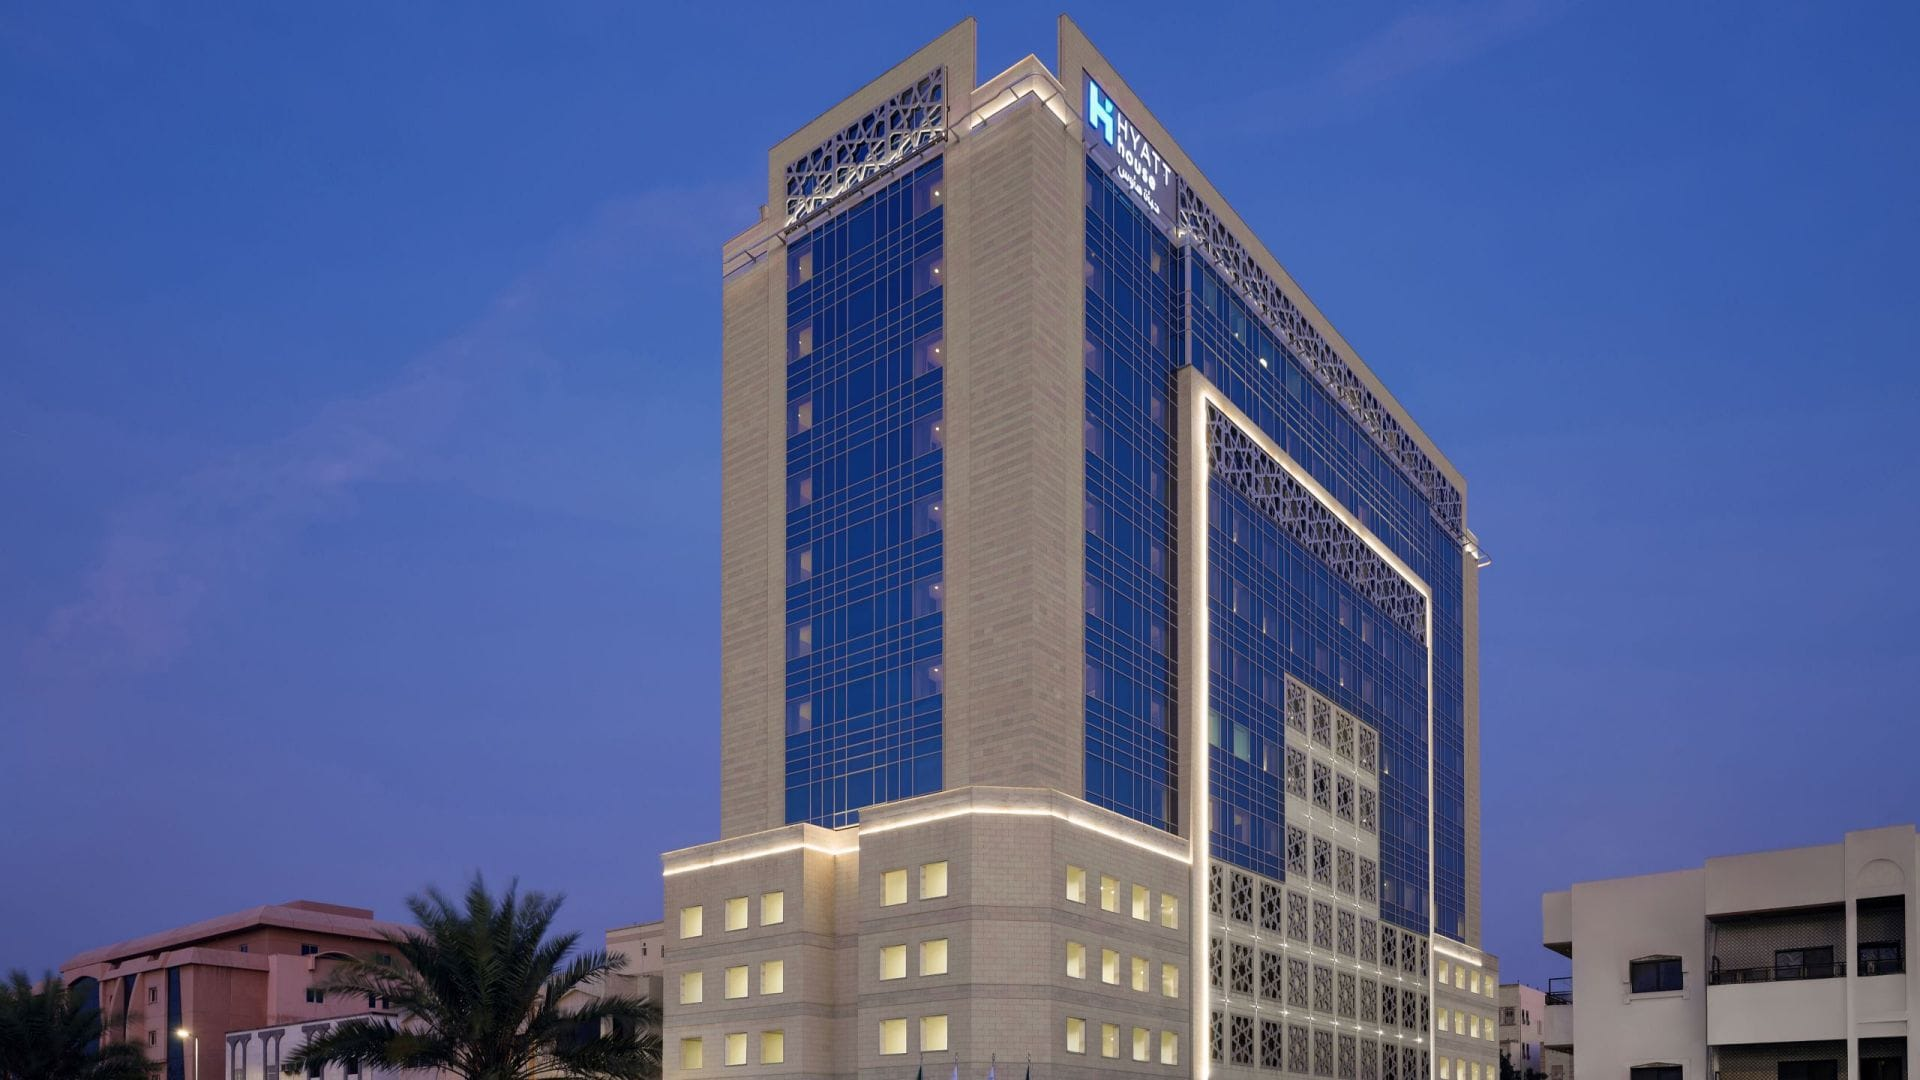 Upscale residential hotel in jeddah hyatt house jeddah sari street